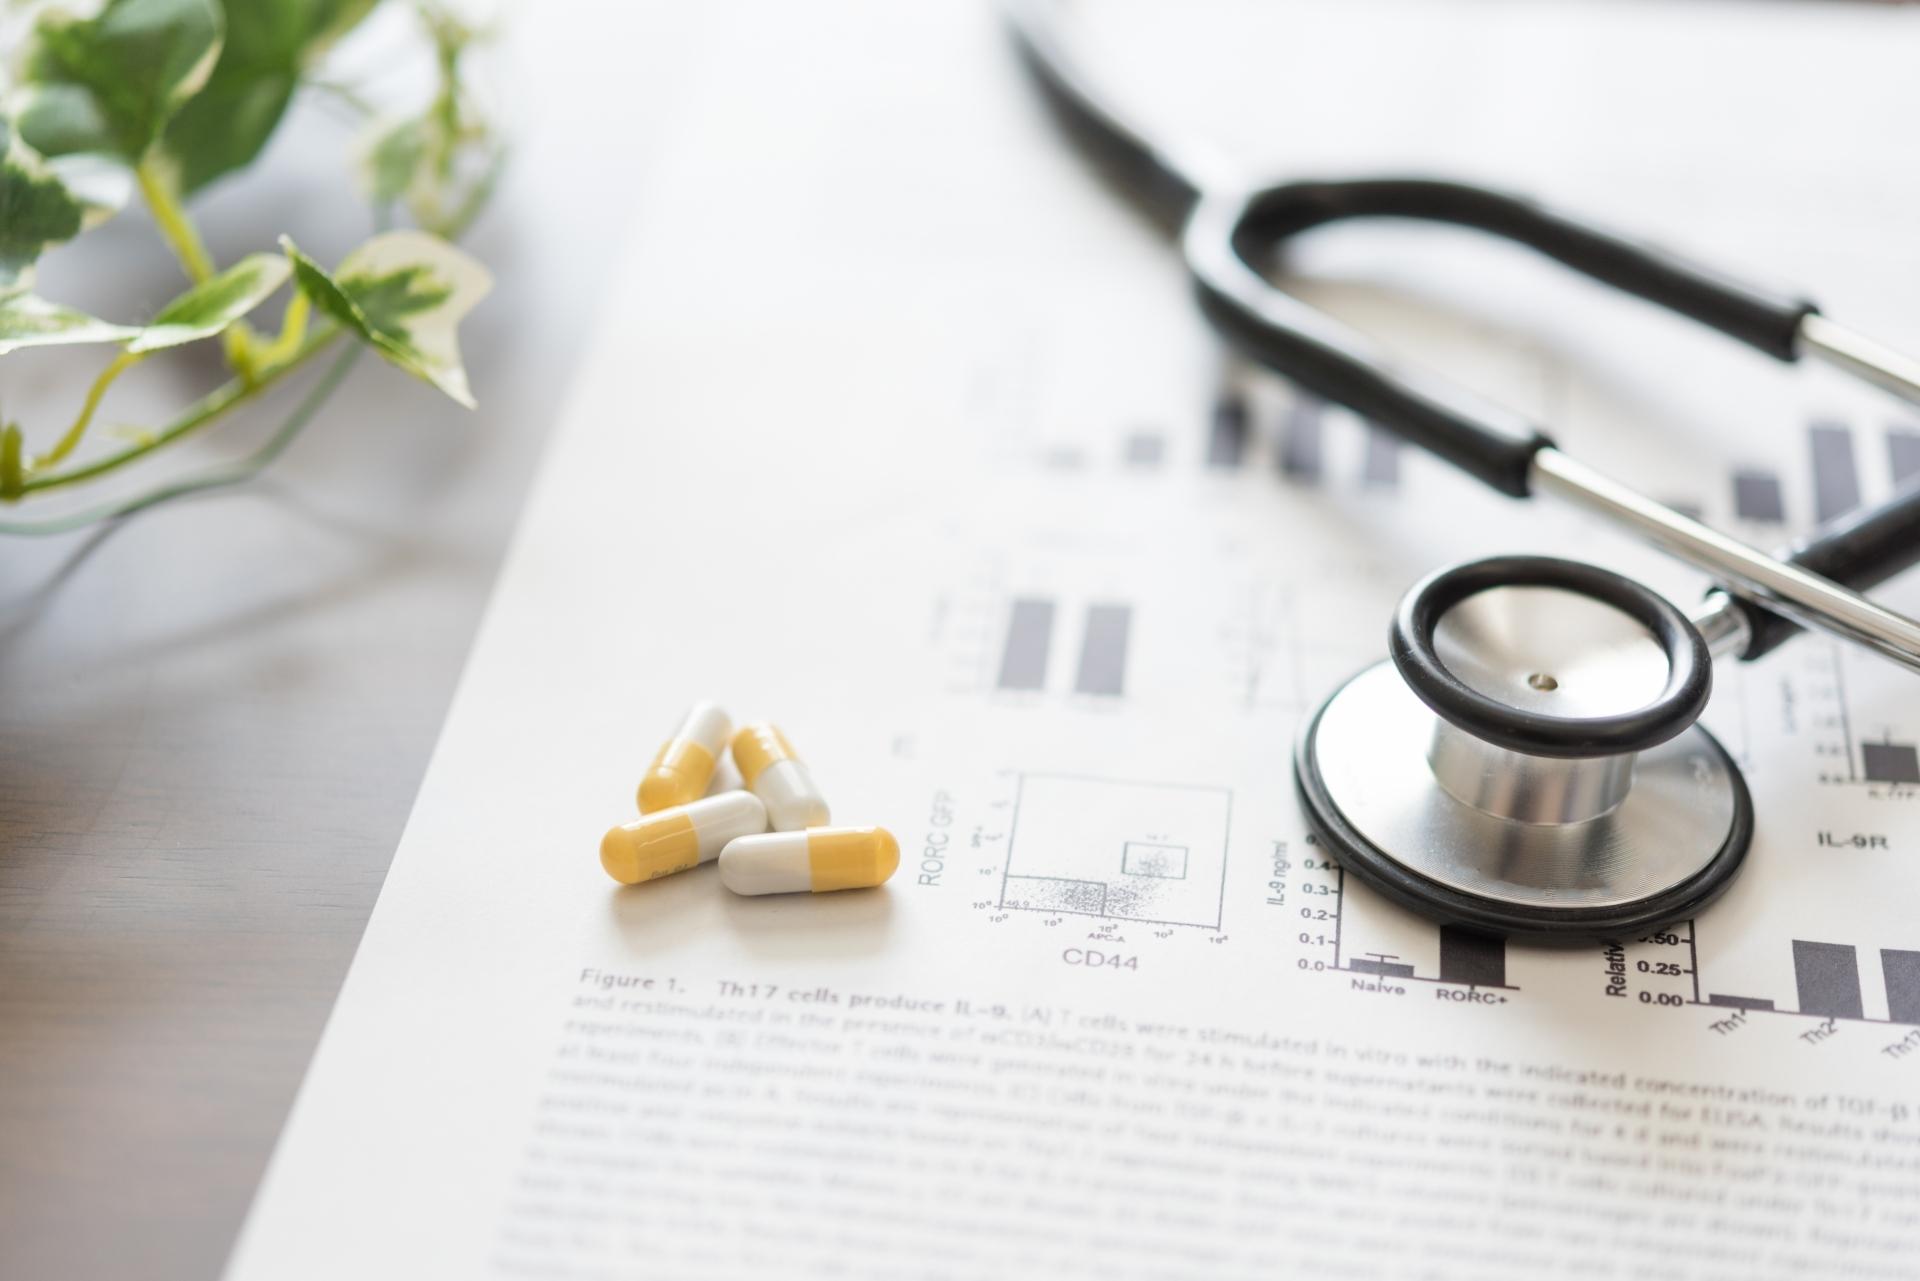 【事例付】服薬管理にはデイサービス+訪問サービスを使うべき理由